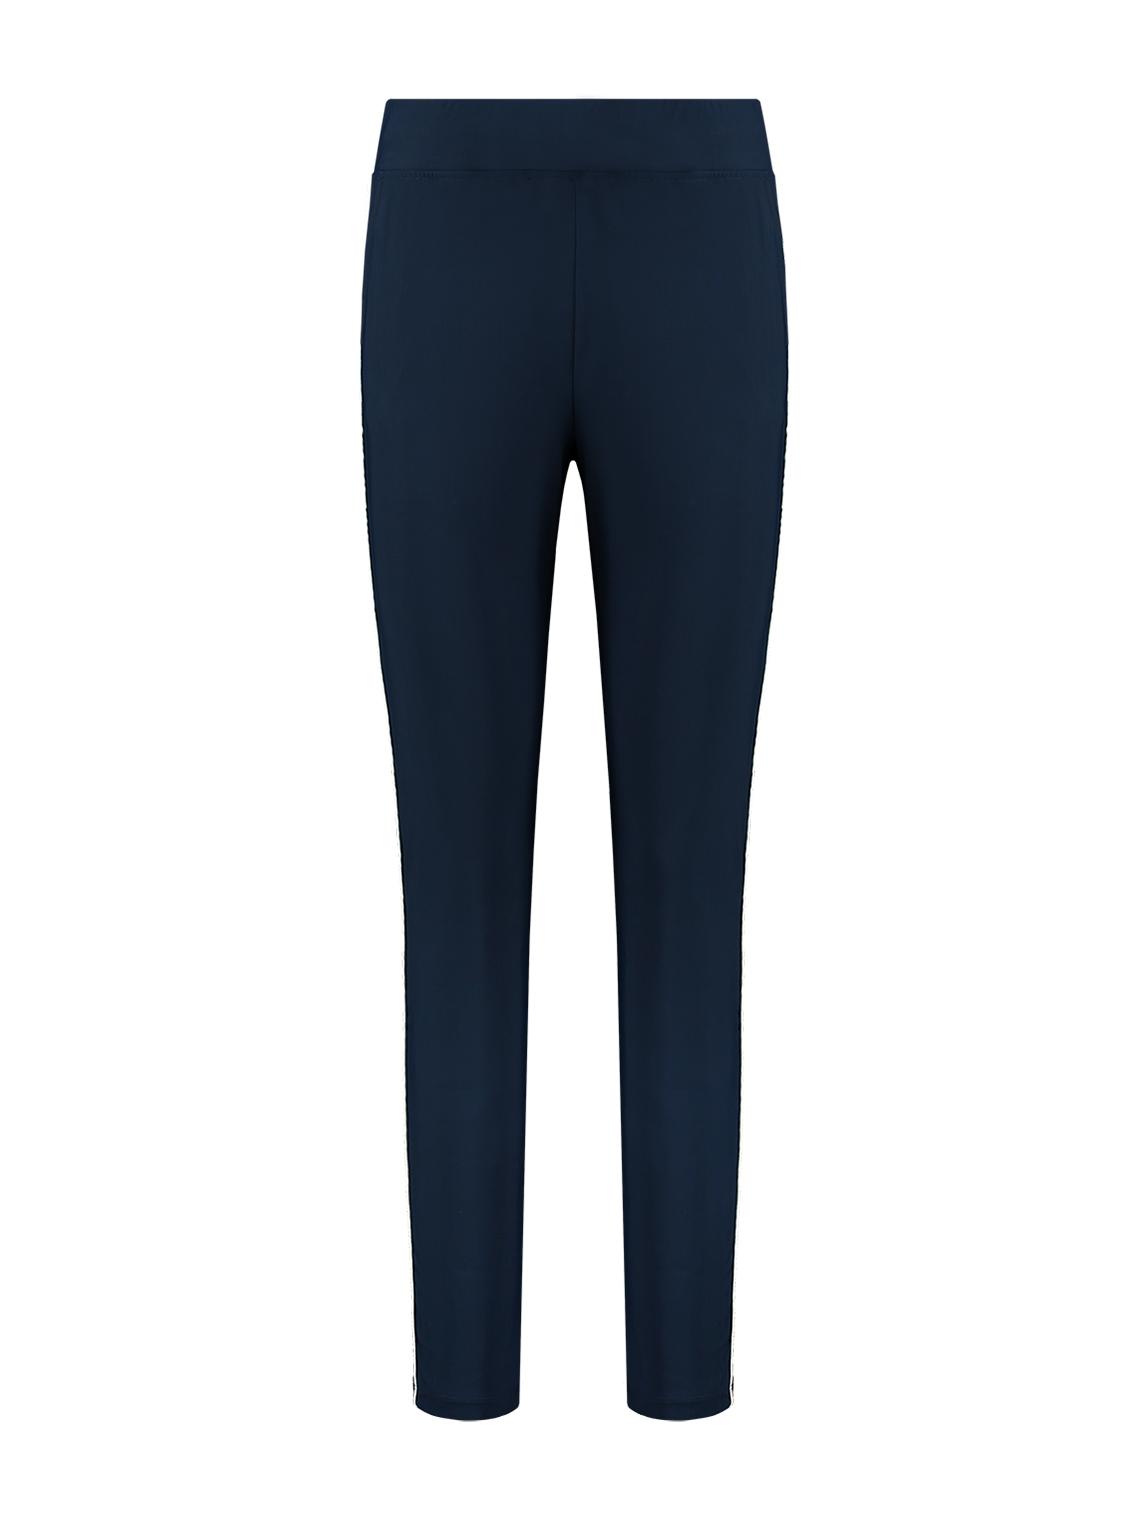 Donkerblauwe dames broek Nikkie - Nikkie Suzy Pant - N2-324 1904 7800